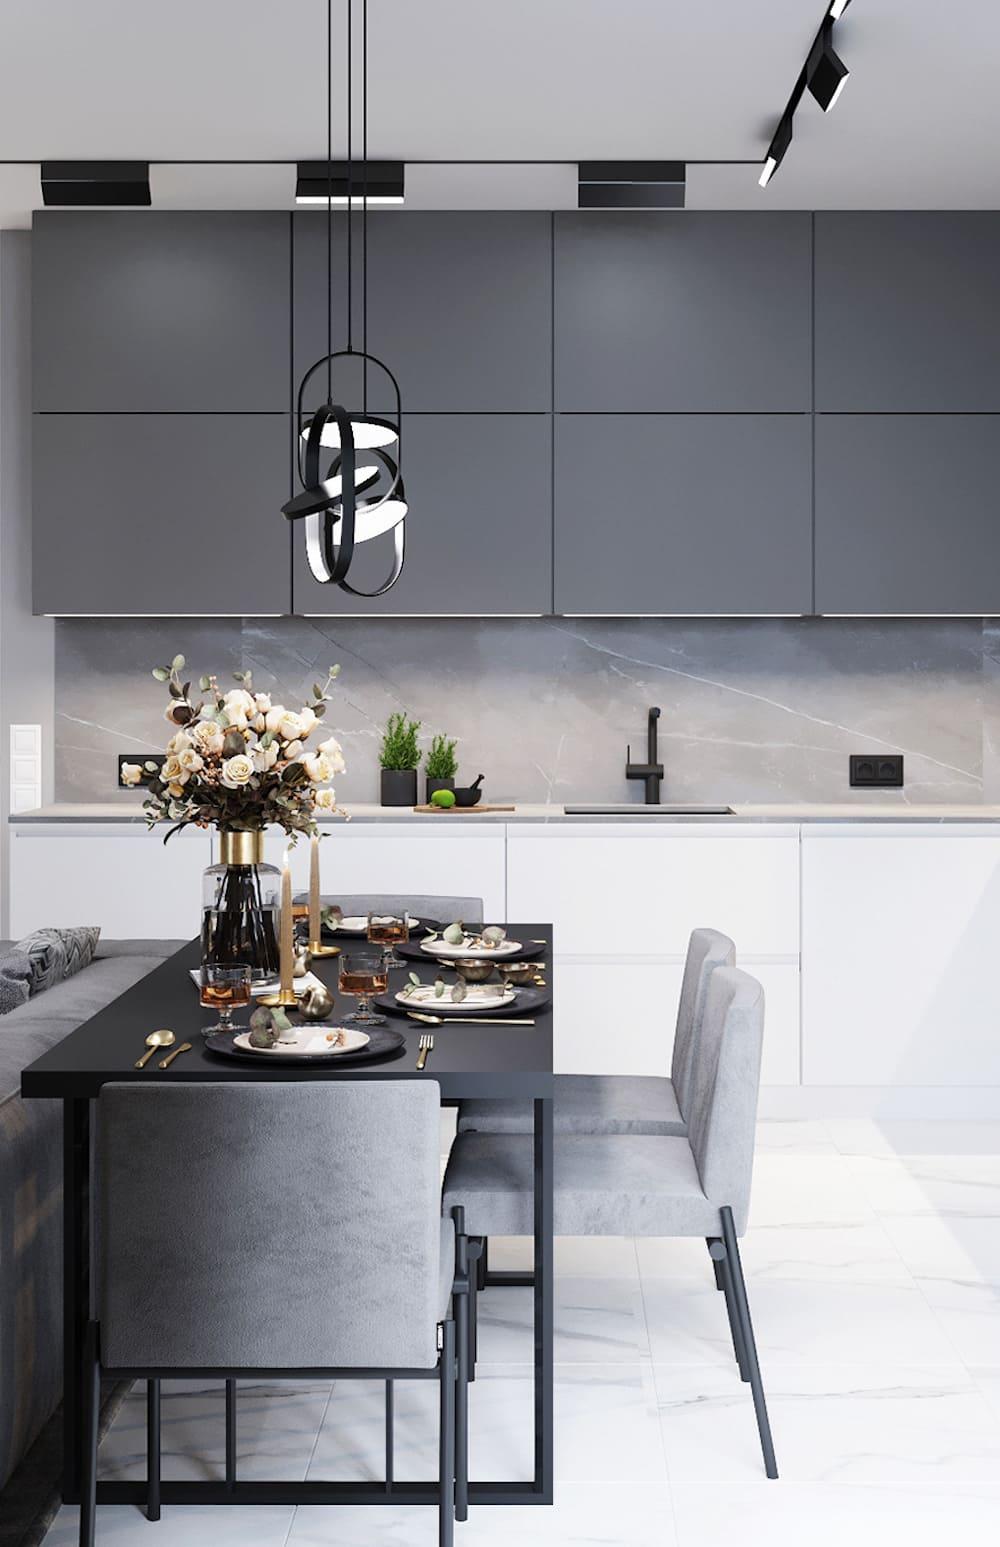 дизайн кухни в современном стиле фото 51